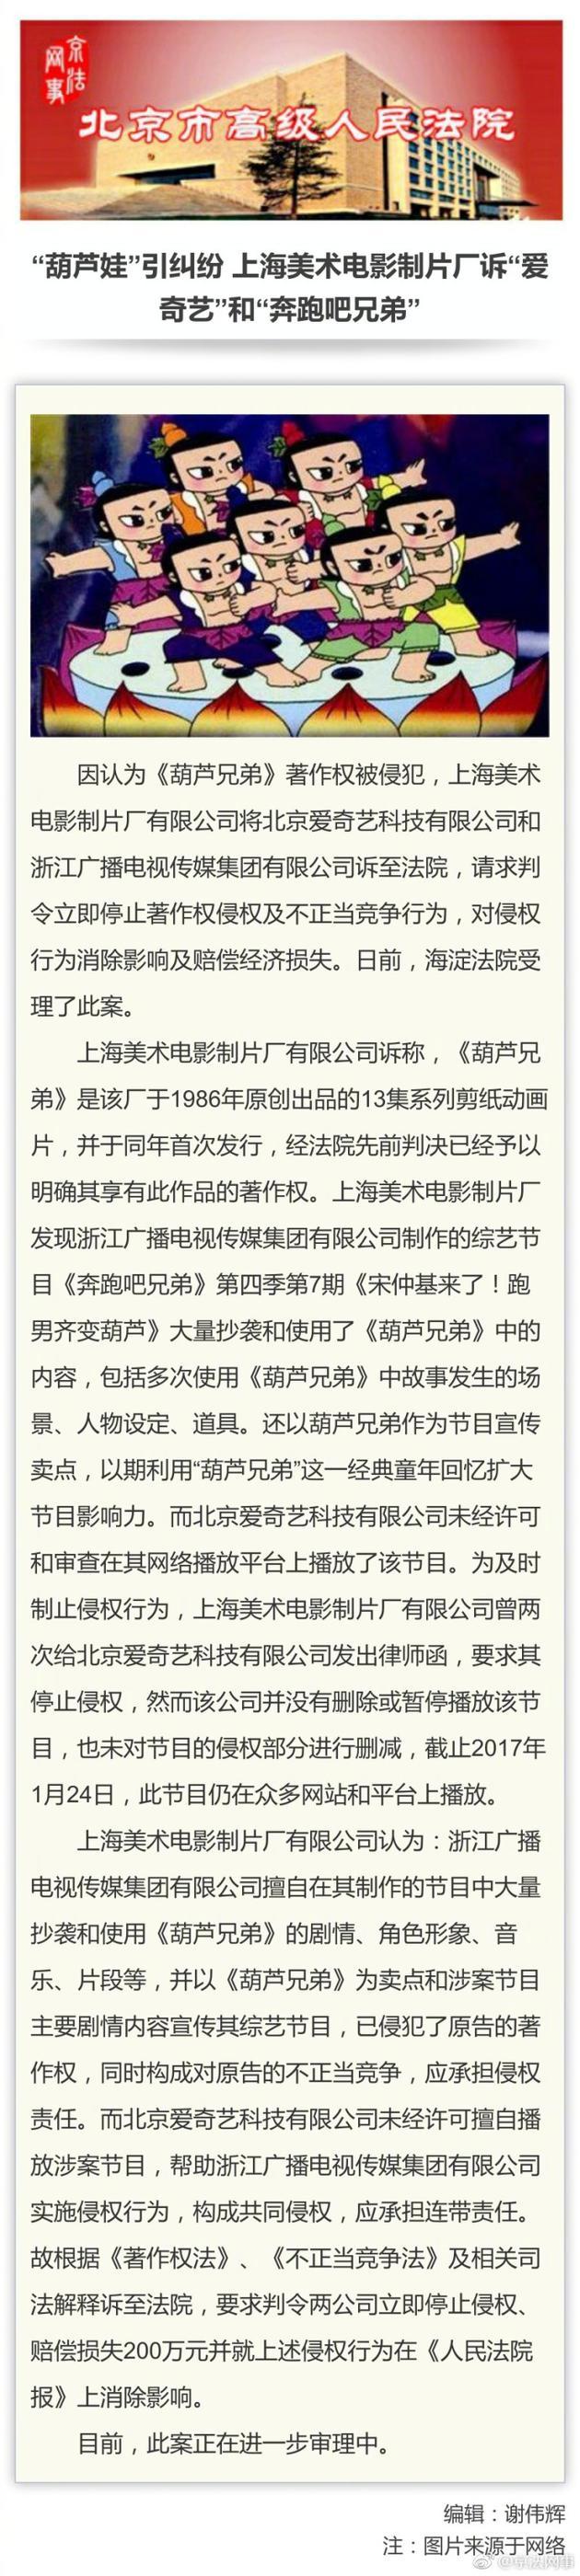 上海美术电影制片厂起诉